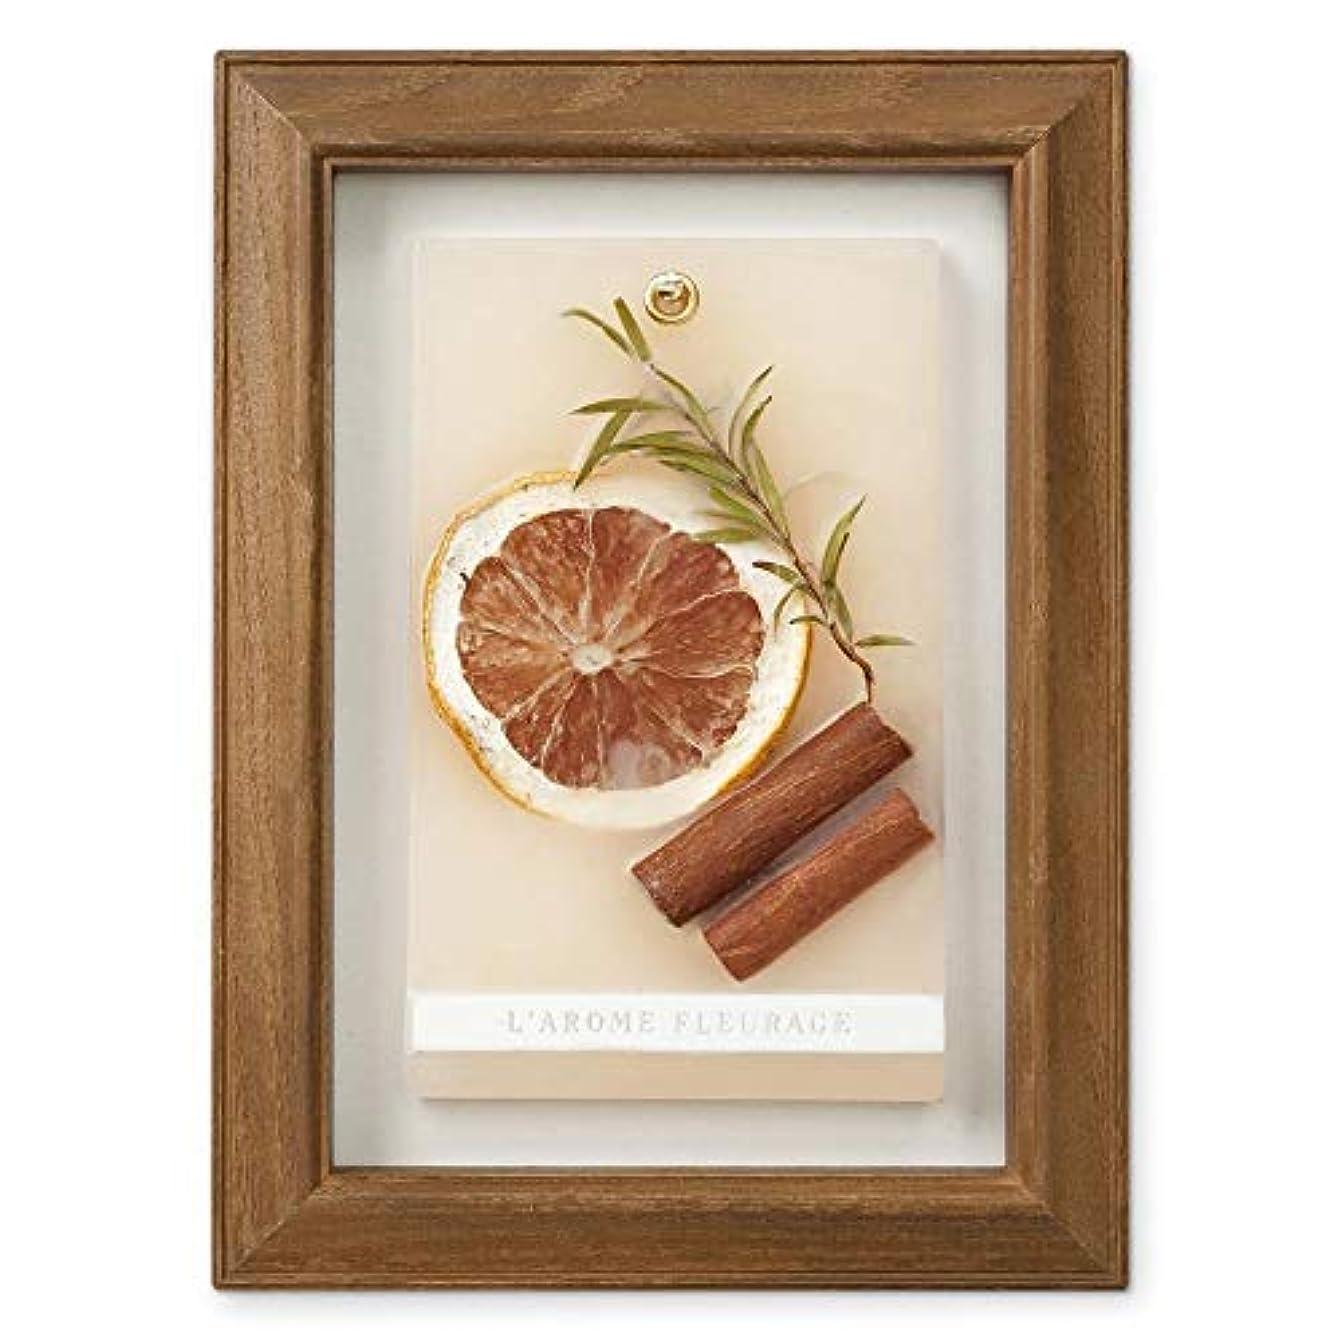 素朴な検出器また明日ねFLEURAGE(フルラージュ) アロマワックスサシェ スイートオレンジの香り Orange×AntiqueBrown KH-61121